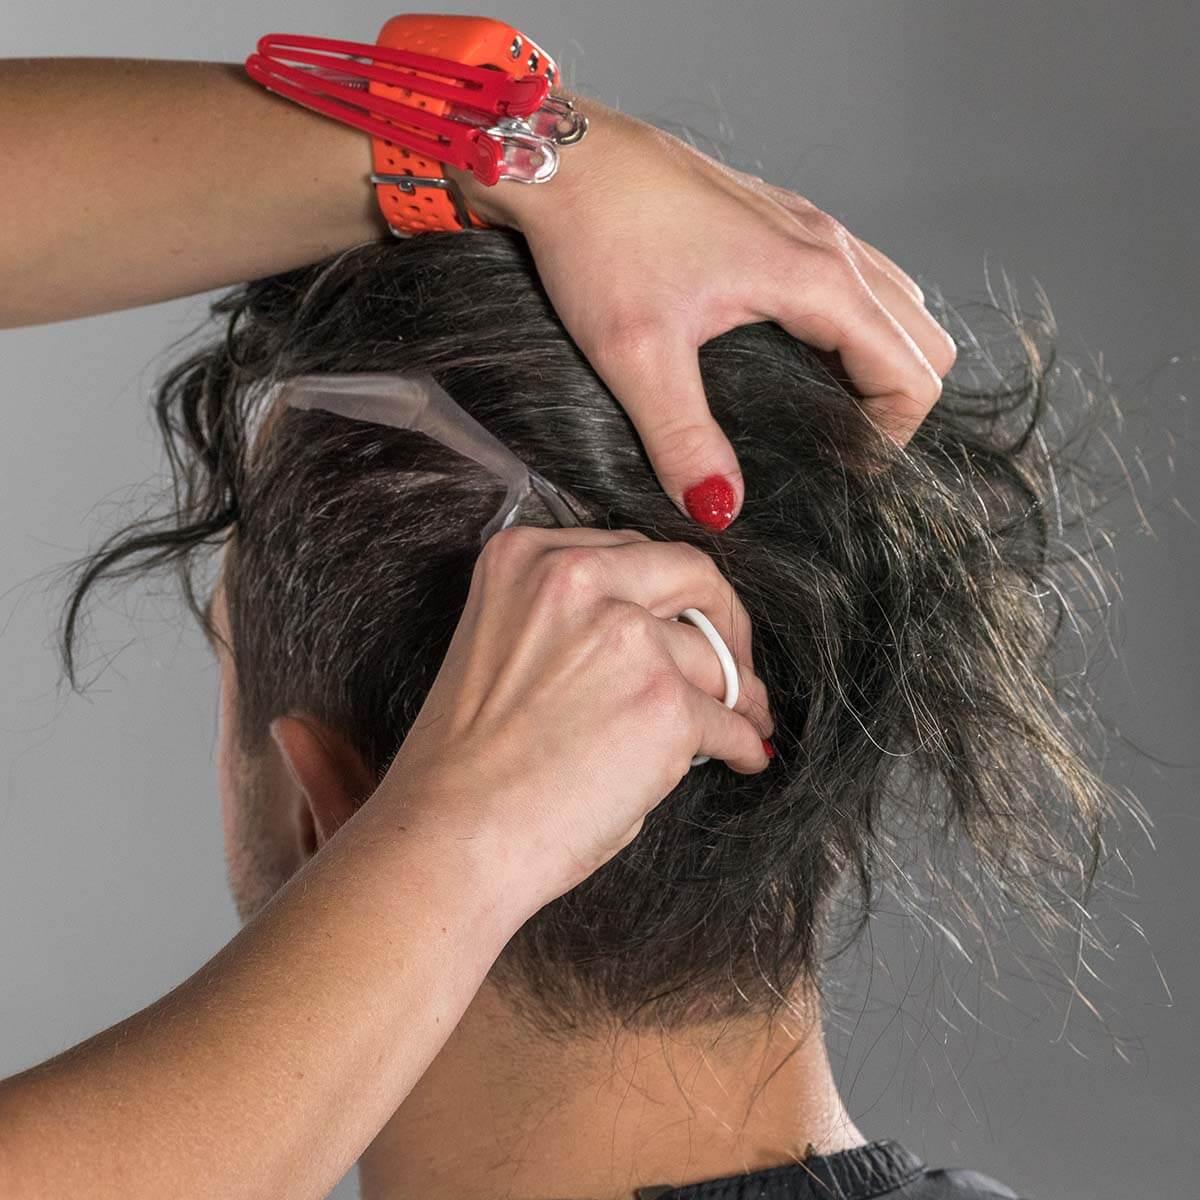 Millimetergenauer Zuschnitt des Haarteils, Entfernung des überschüssigen Randes